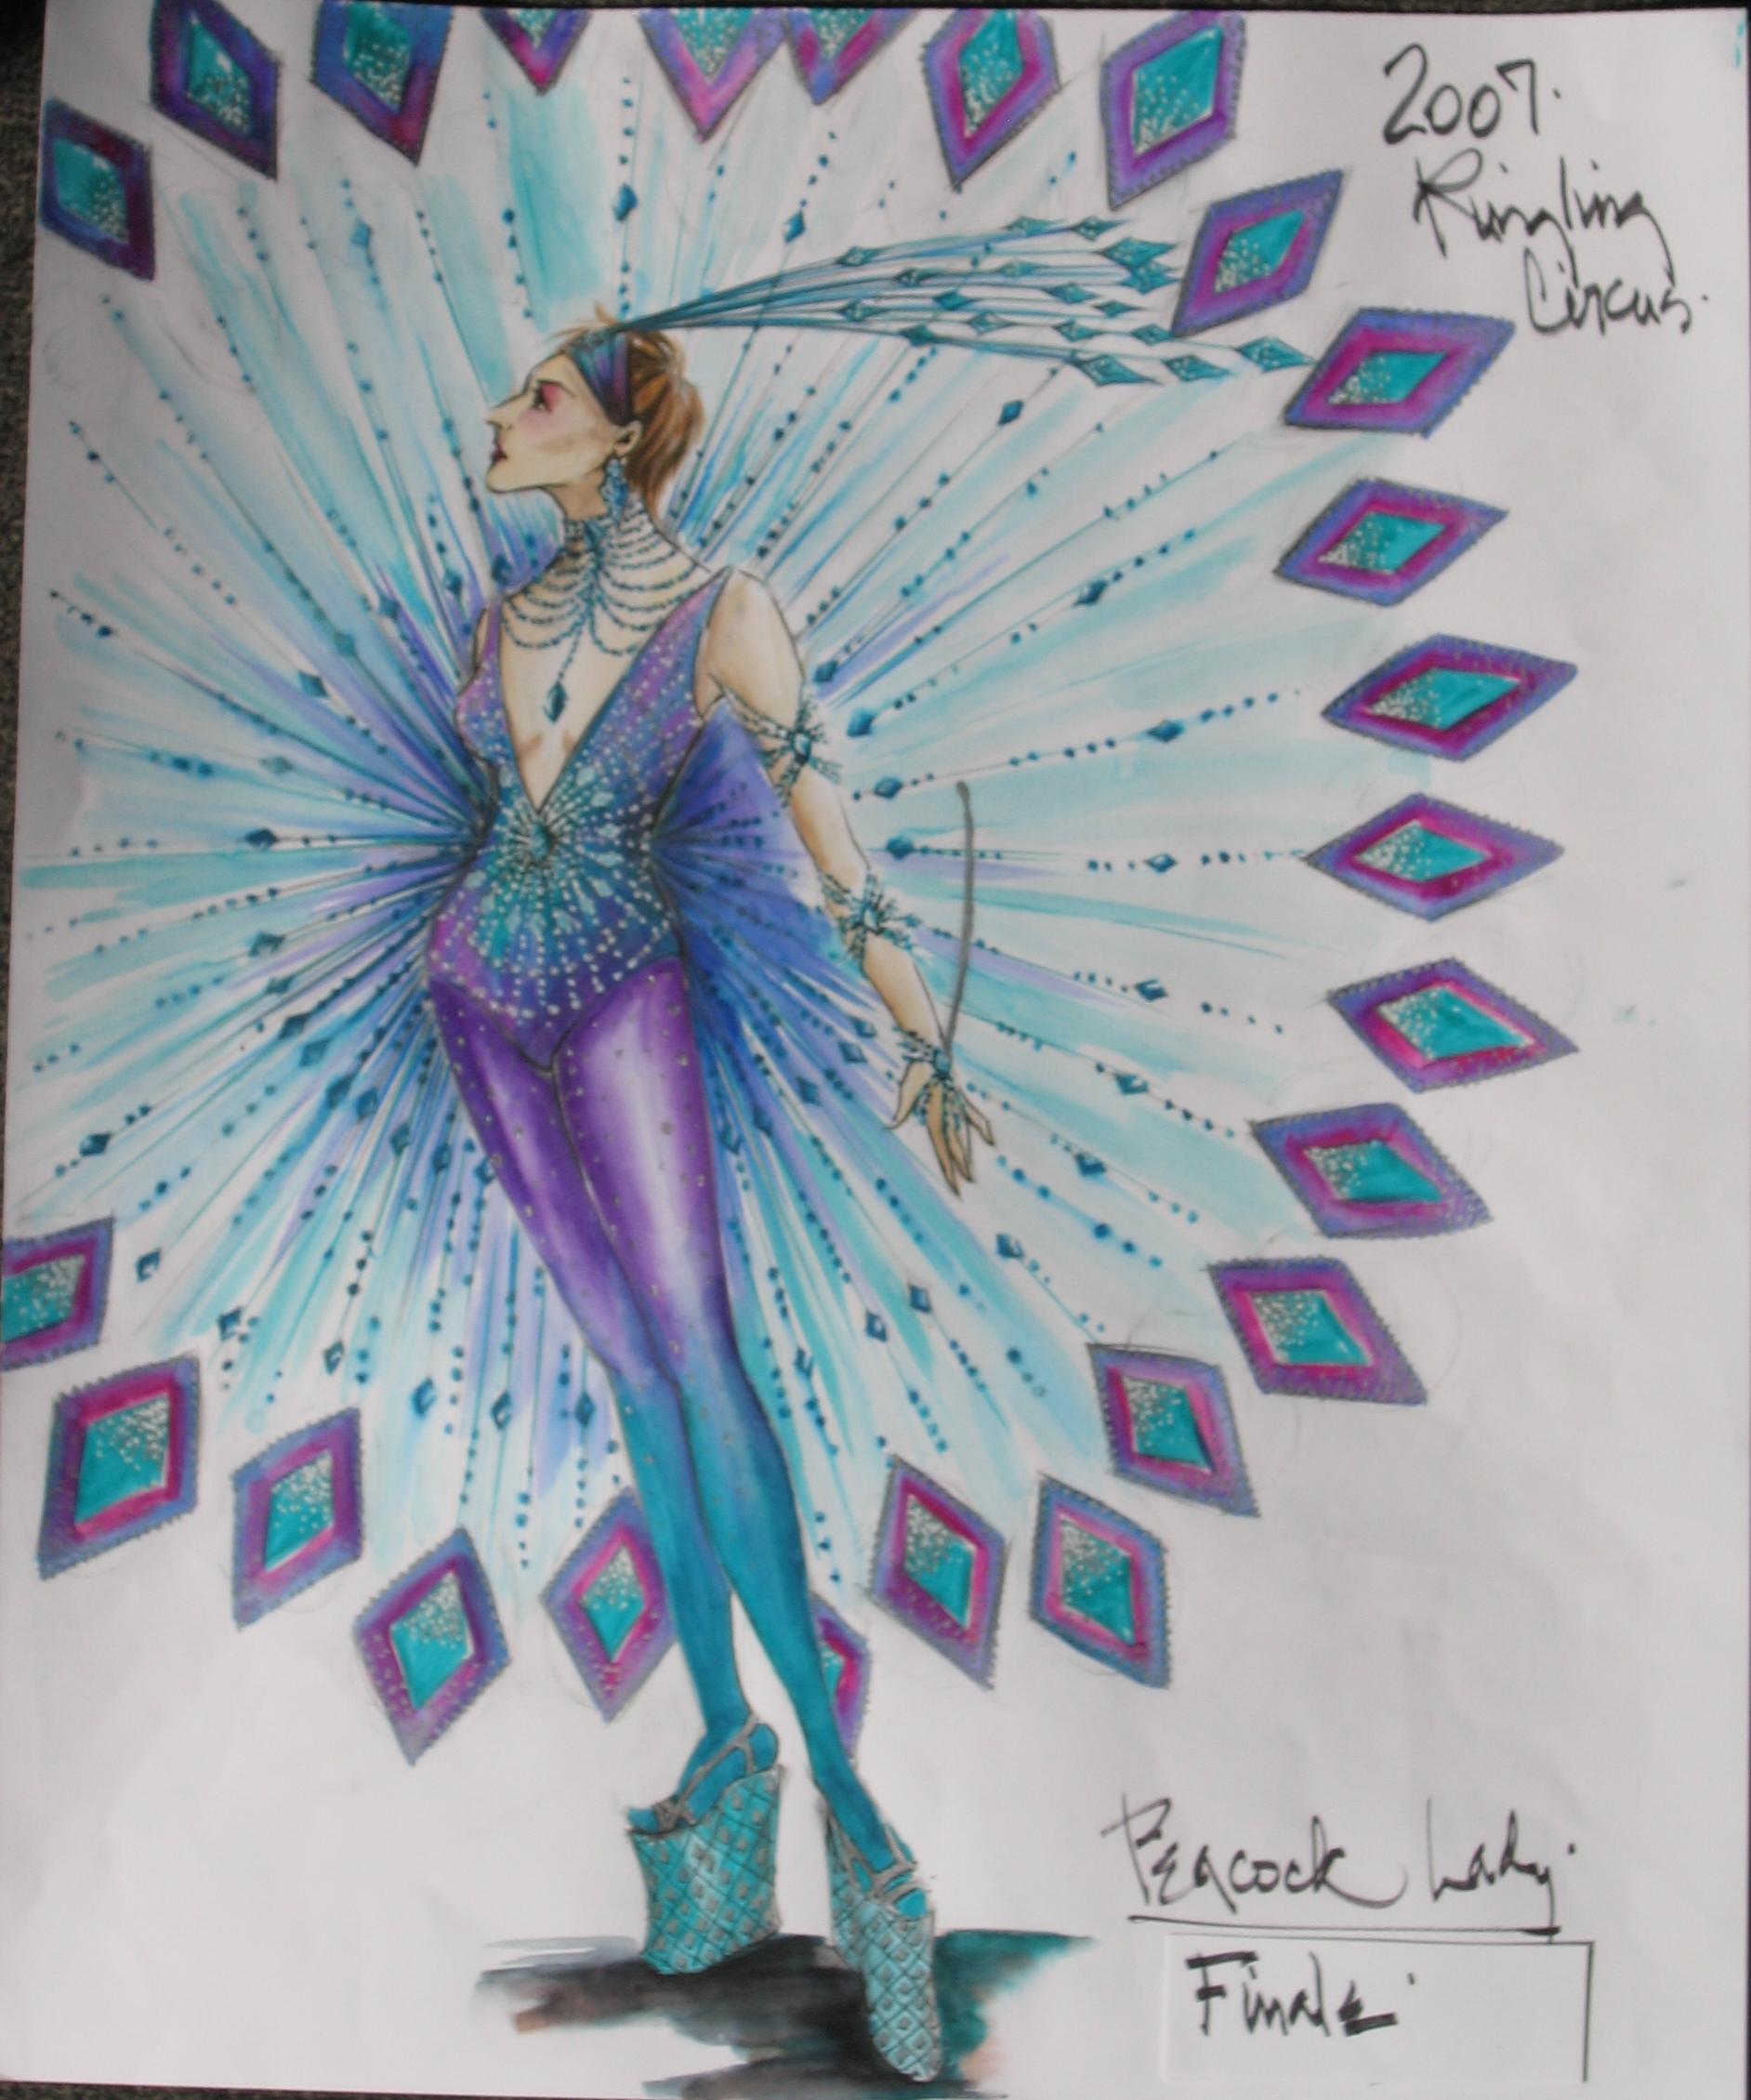 peacock lady sketch.jpg